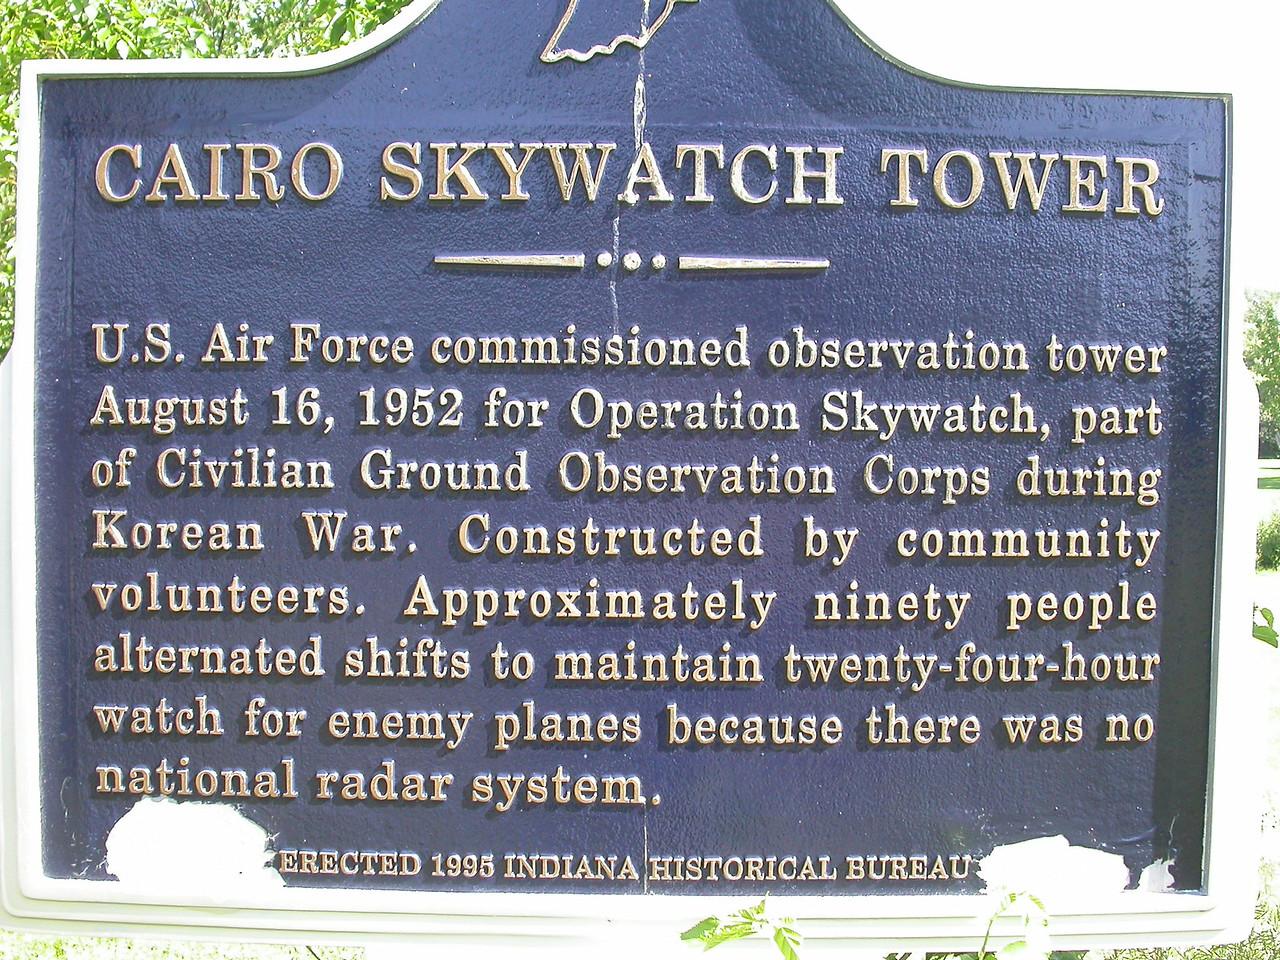 Cairo Skywatch Tower